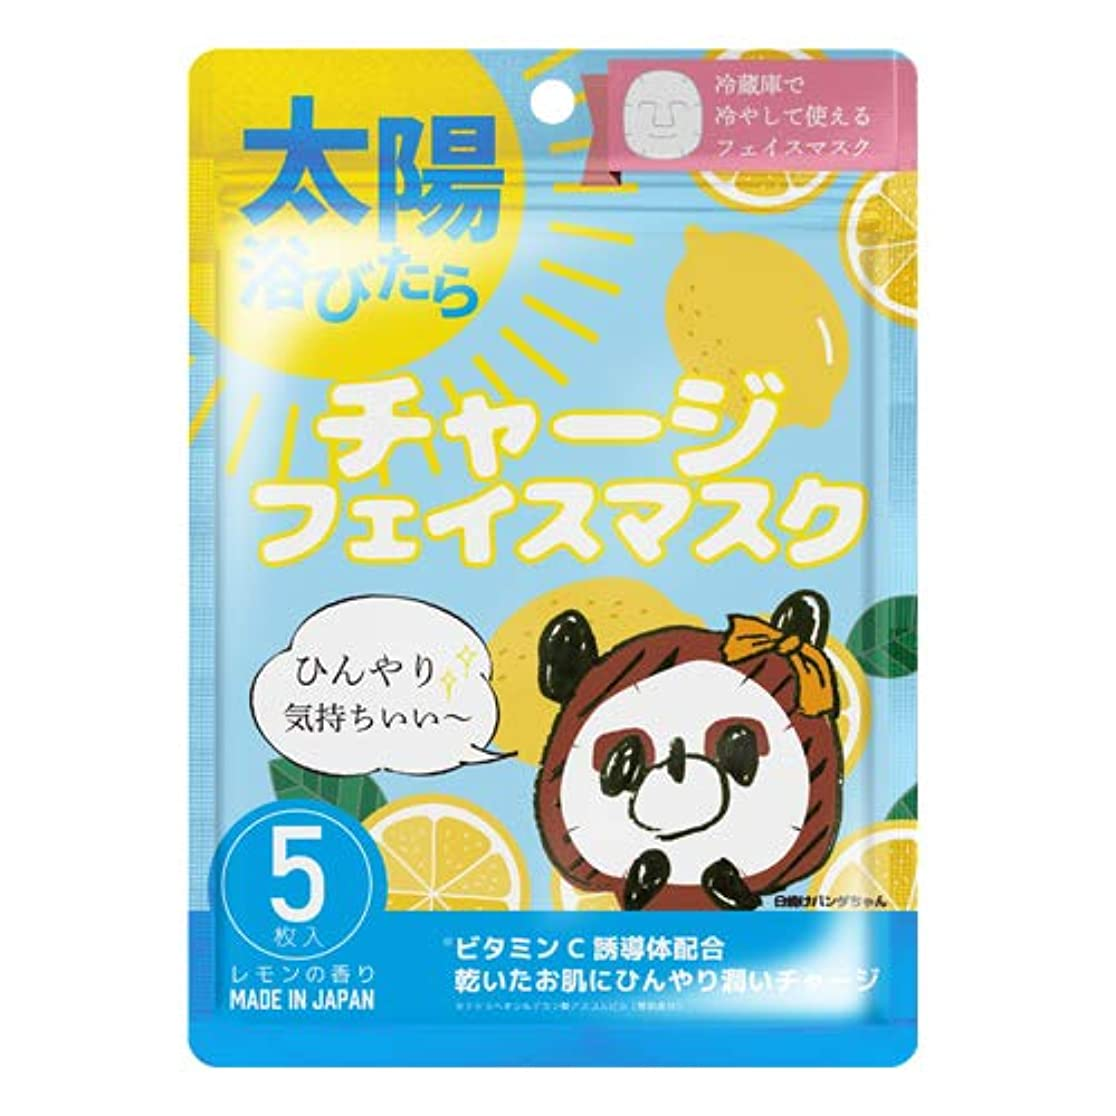 中で土地履歴書チャージフェイスマスク Charge Face Mask / 美容 フェイスマスク 日焼け 潤い レモン スキンケア